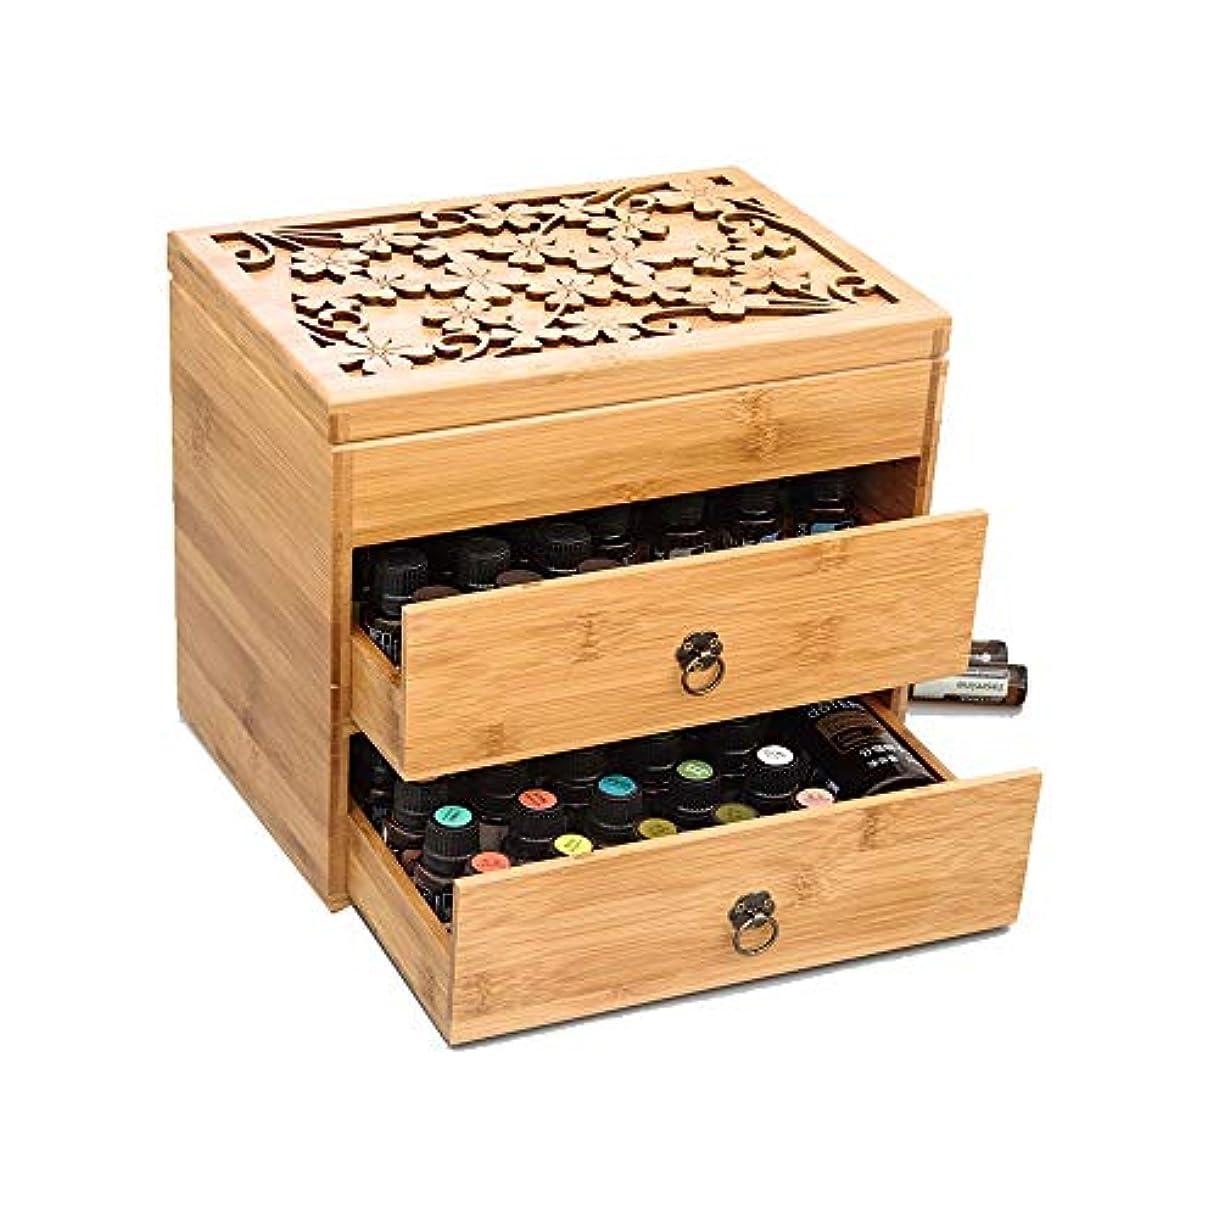 計算球状毎日エッセンシャルオイルの保管 3ティアエッセンシャルオイルボックス木製収納ケースは、エレガントな装飾的なデザインでは5、10&15ミリリットルボトルを保護します (色 : Natural, サイズ : 26X18X24.5CM)